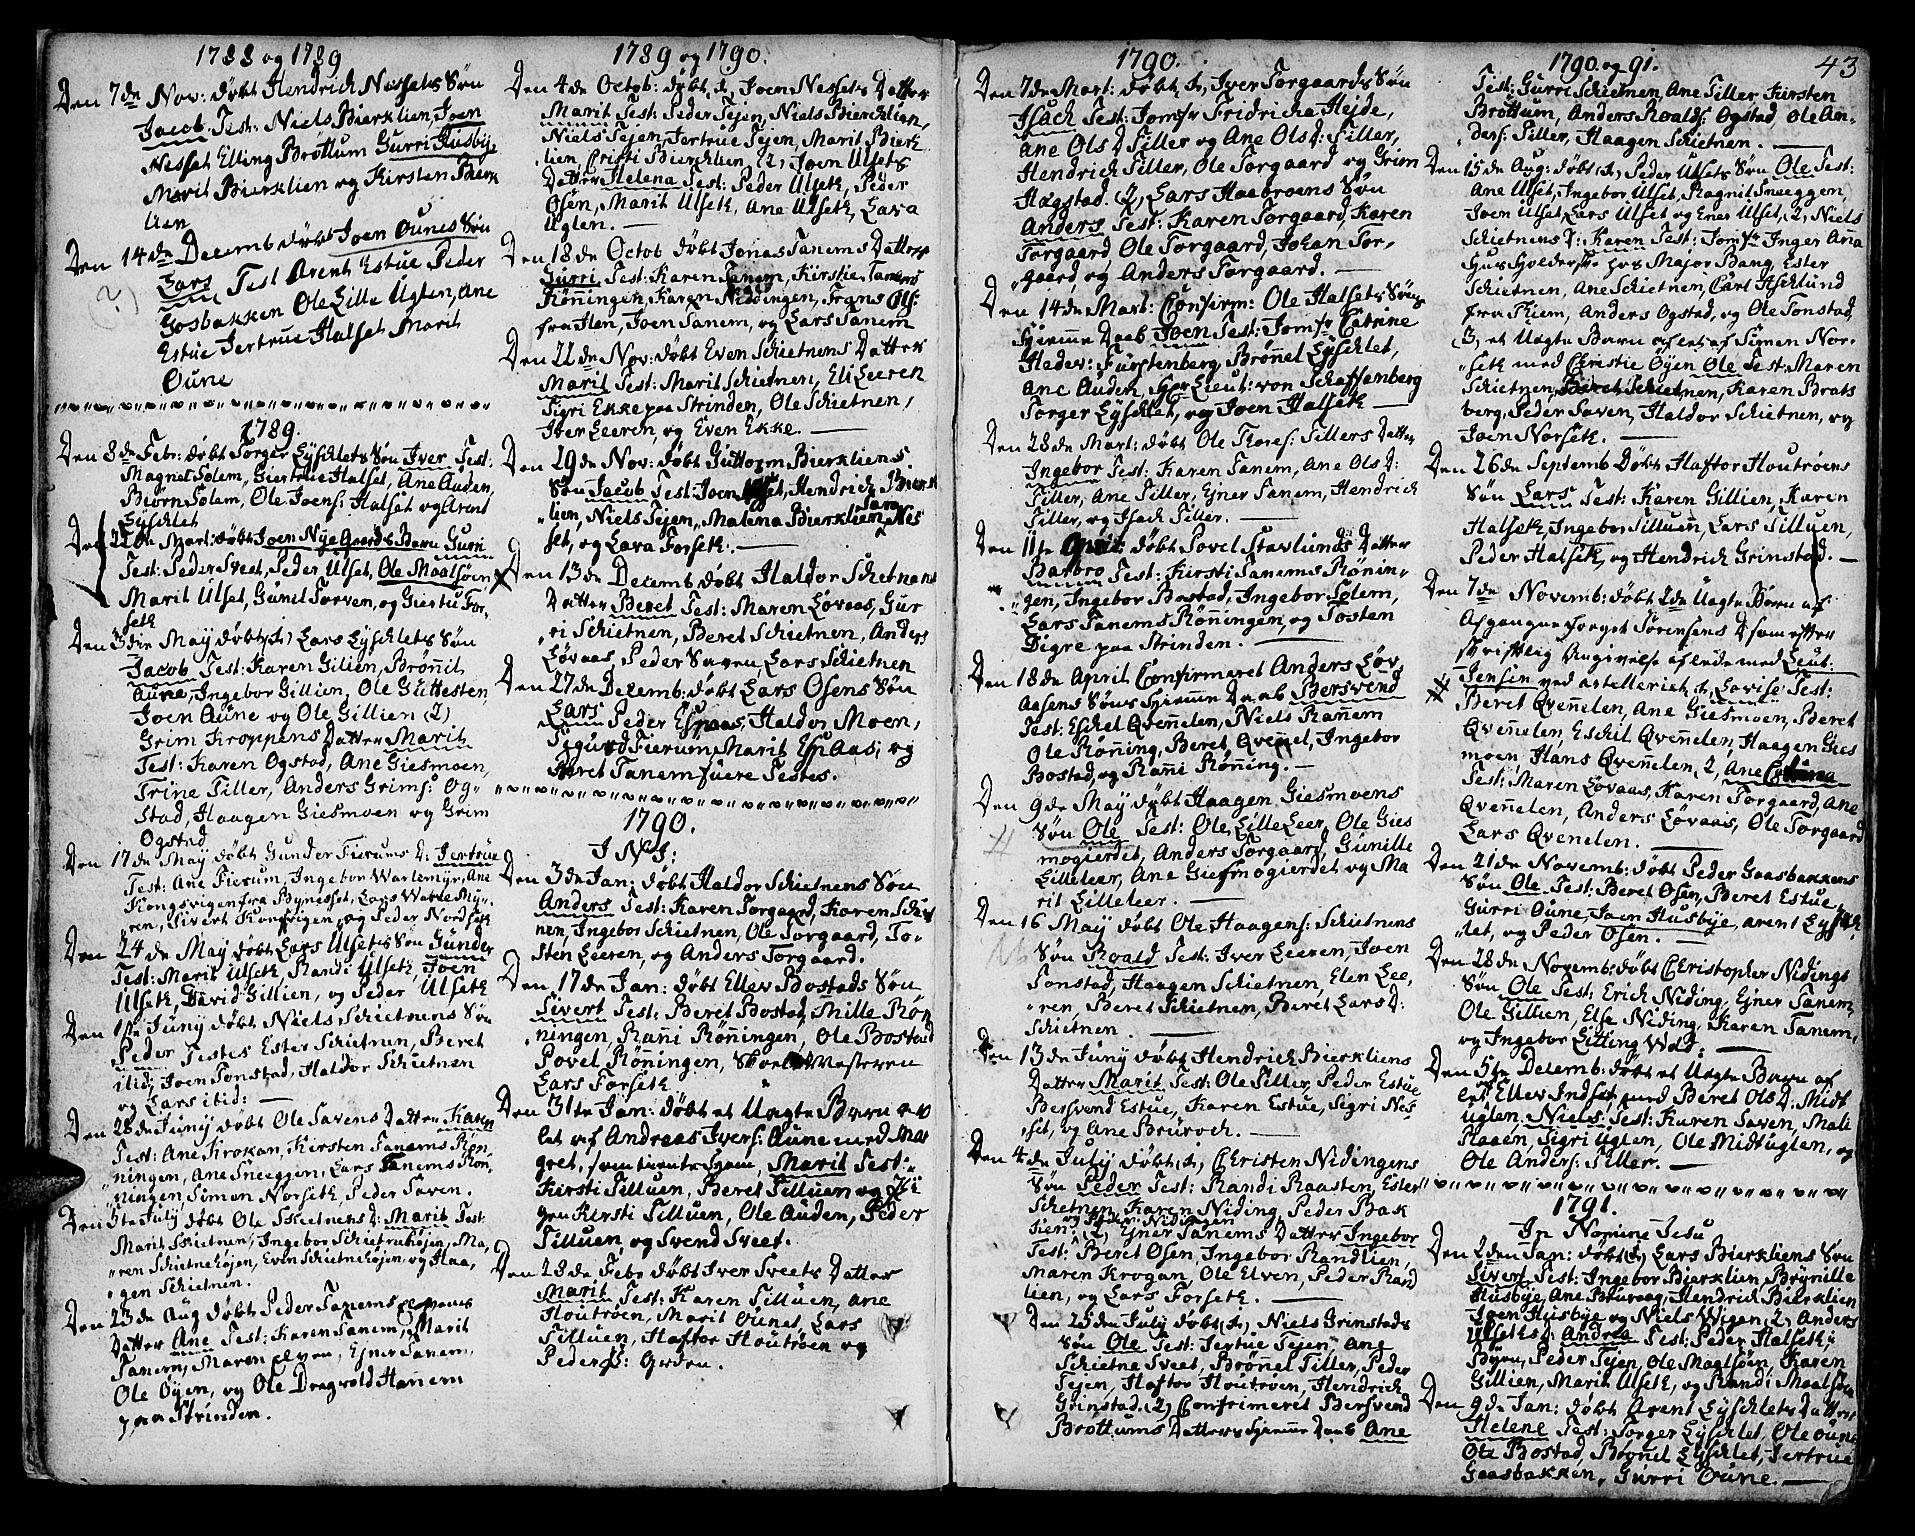 SAT, Ministerialprotokoller, klokkerbøker og fødselsregistre - Sør-Trøndelag, 618/L0438: Ministerialbok nr. 618A03, 1783-1815, s. 43